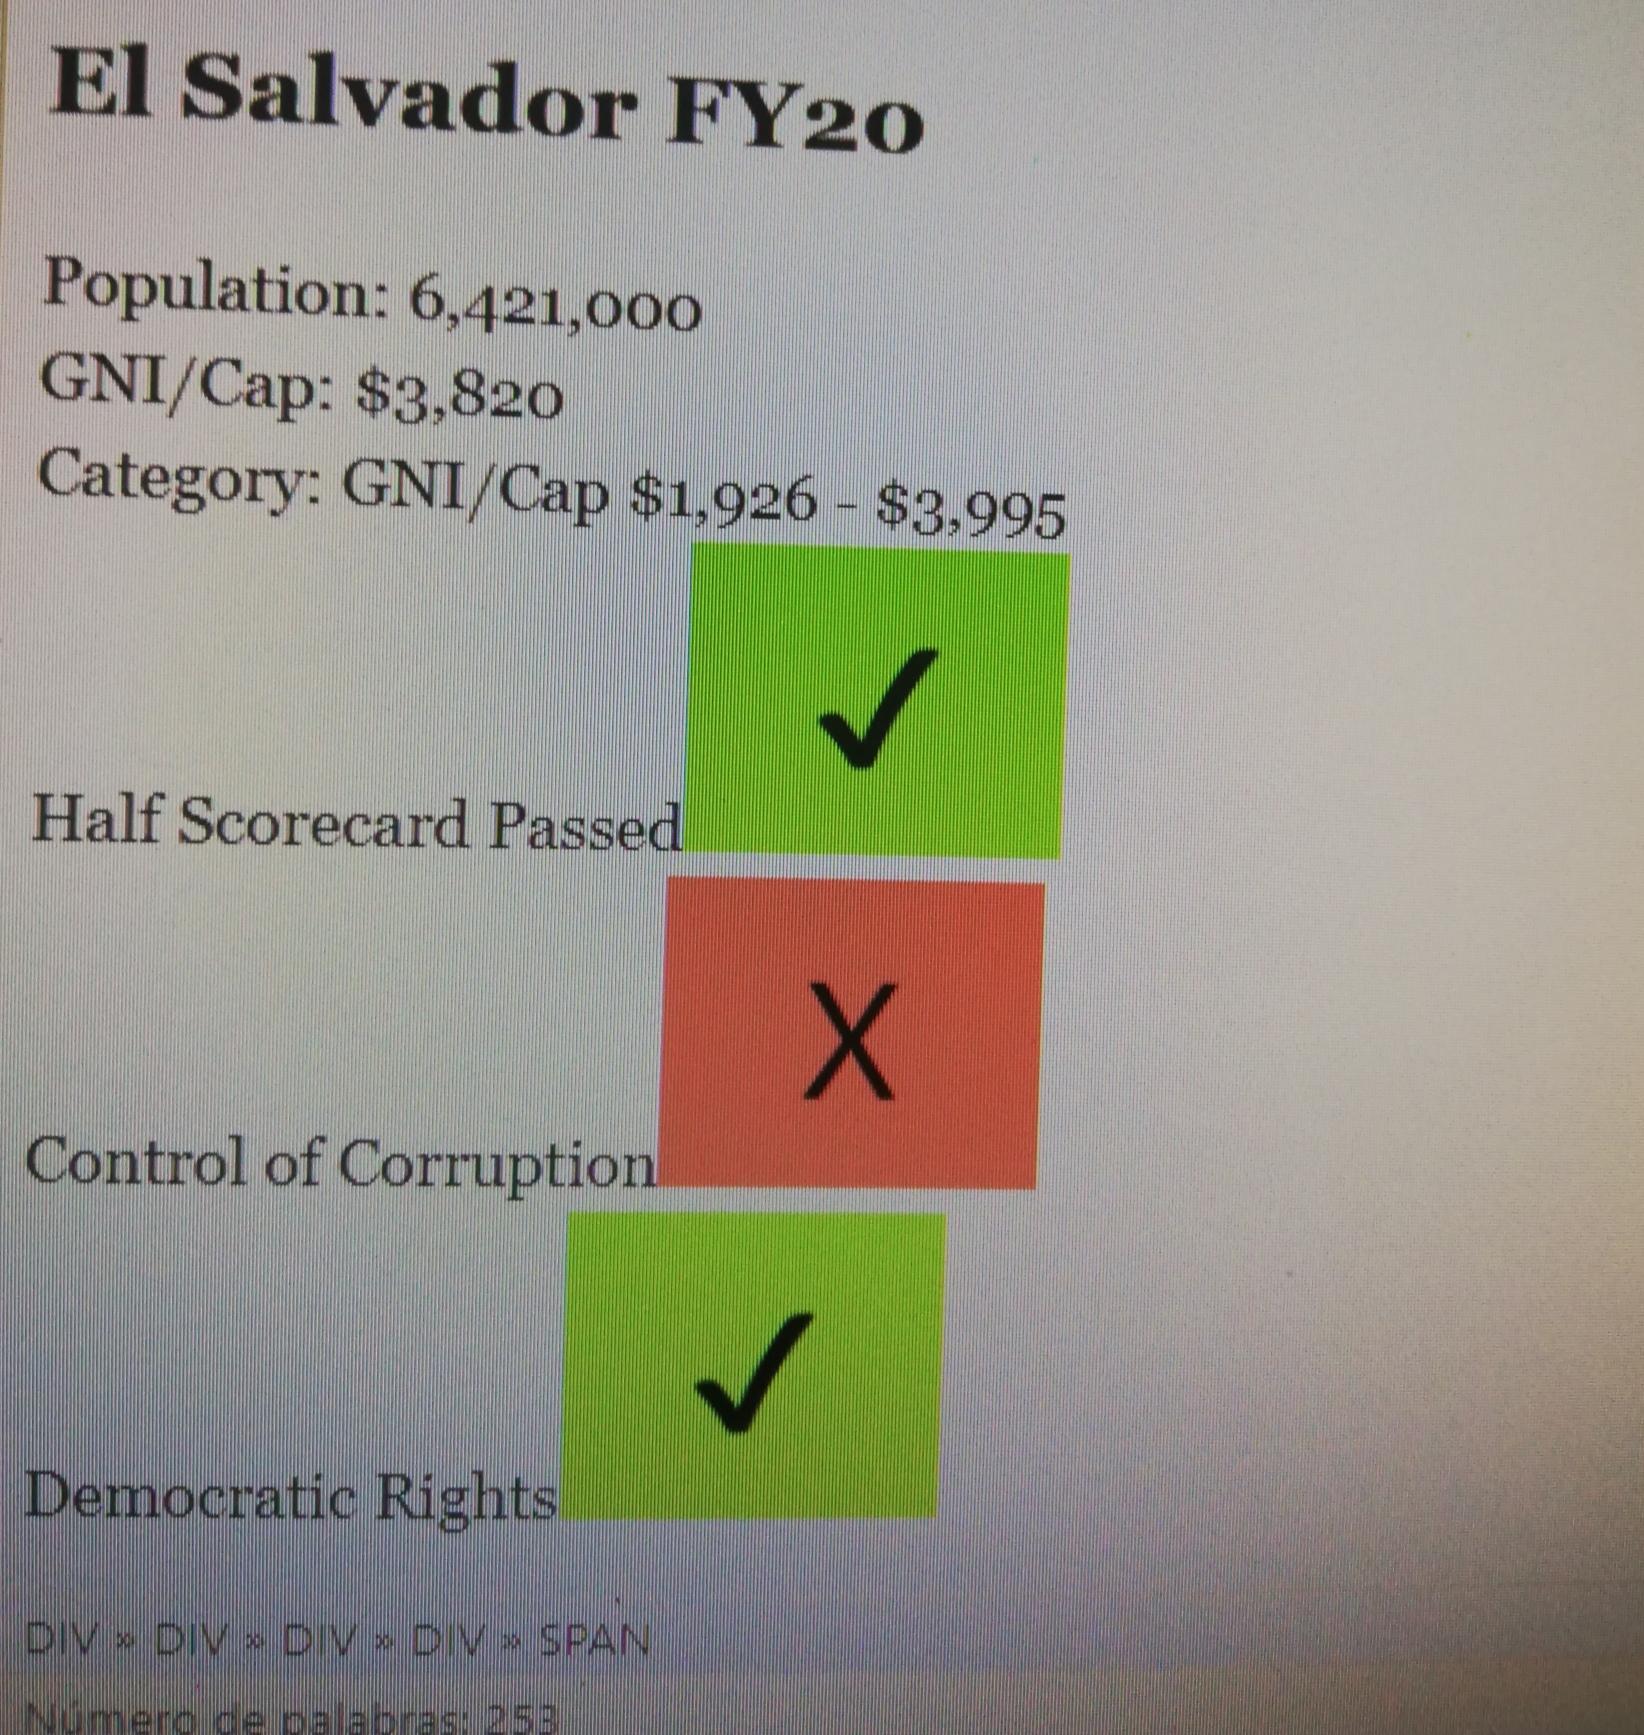 Corporación del Reto del Milenio da a conocer evaluación de indicadores para El Salvador para 2020